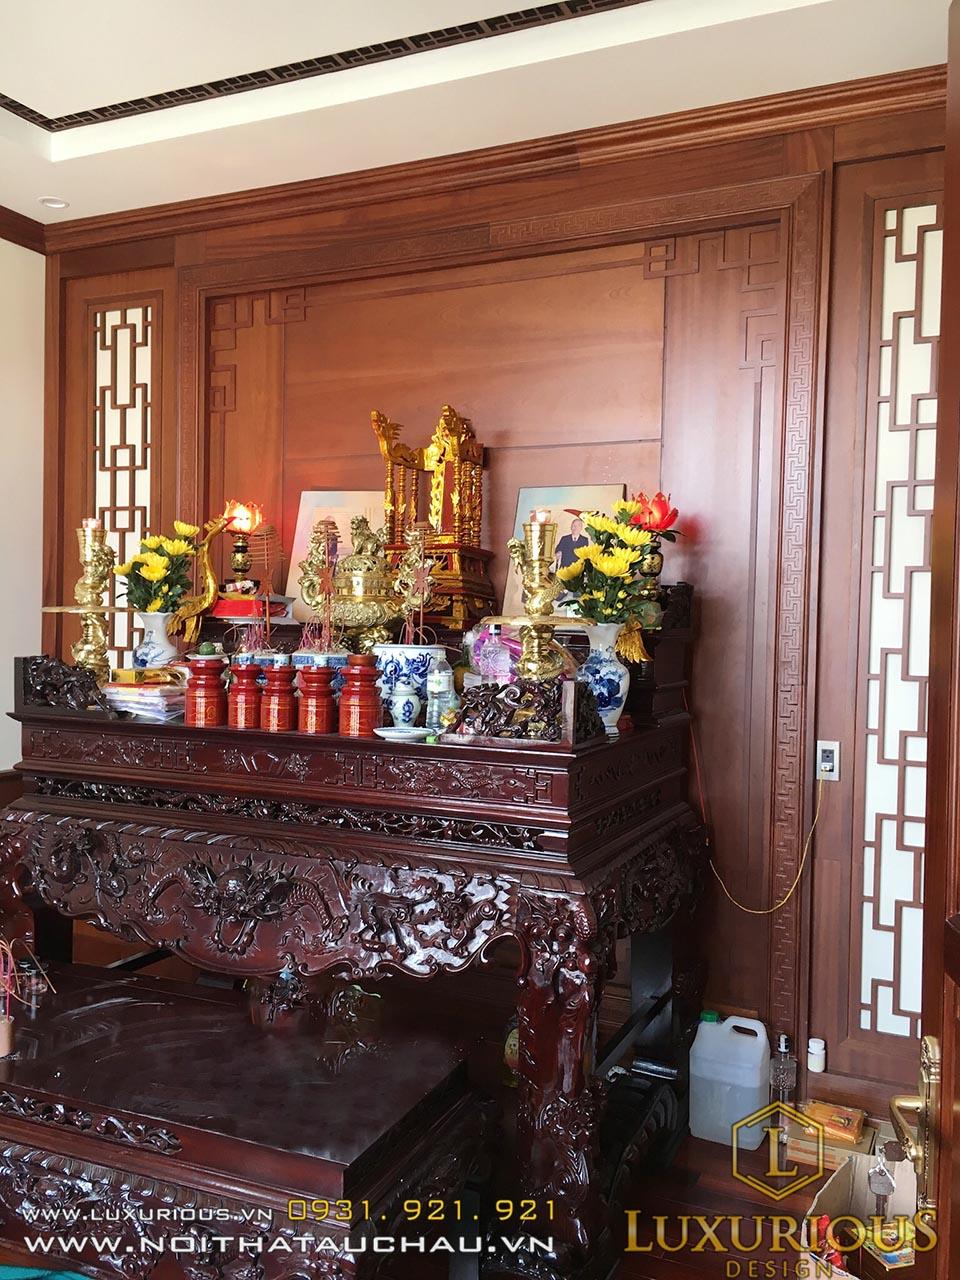 Phòng thờ biệt thự tân cổ điển